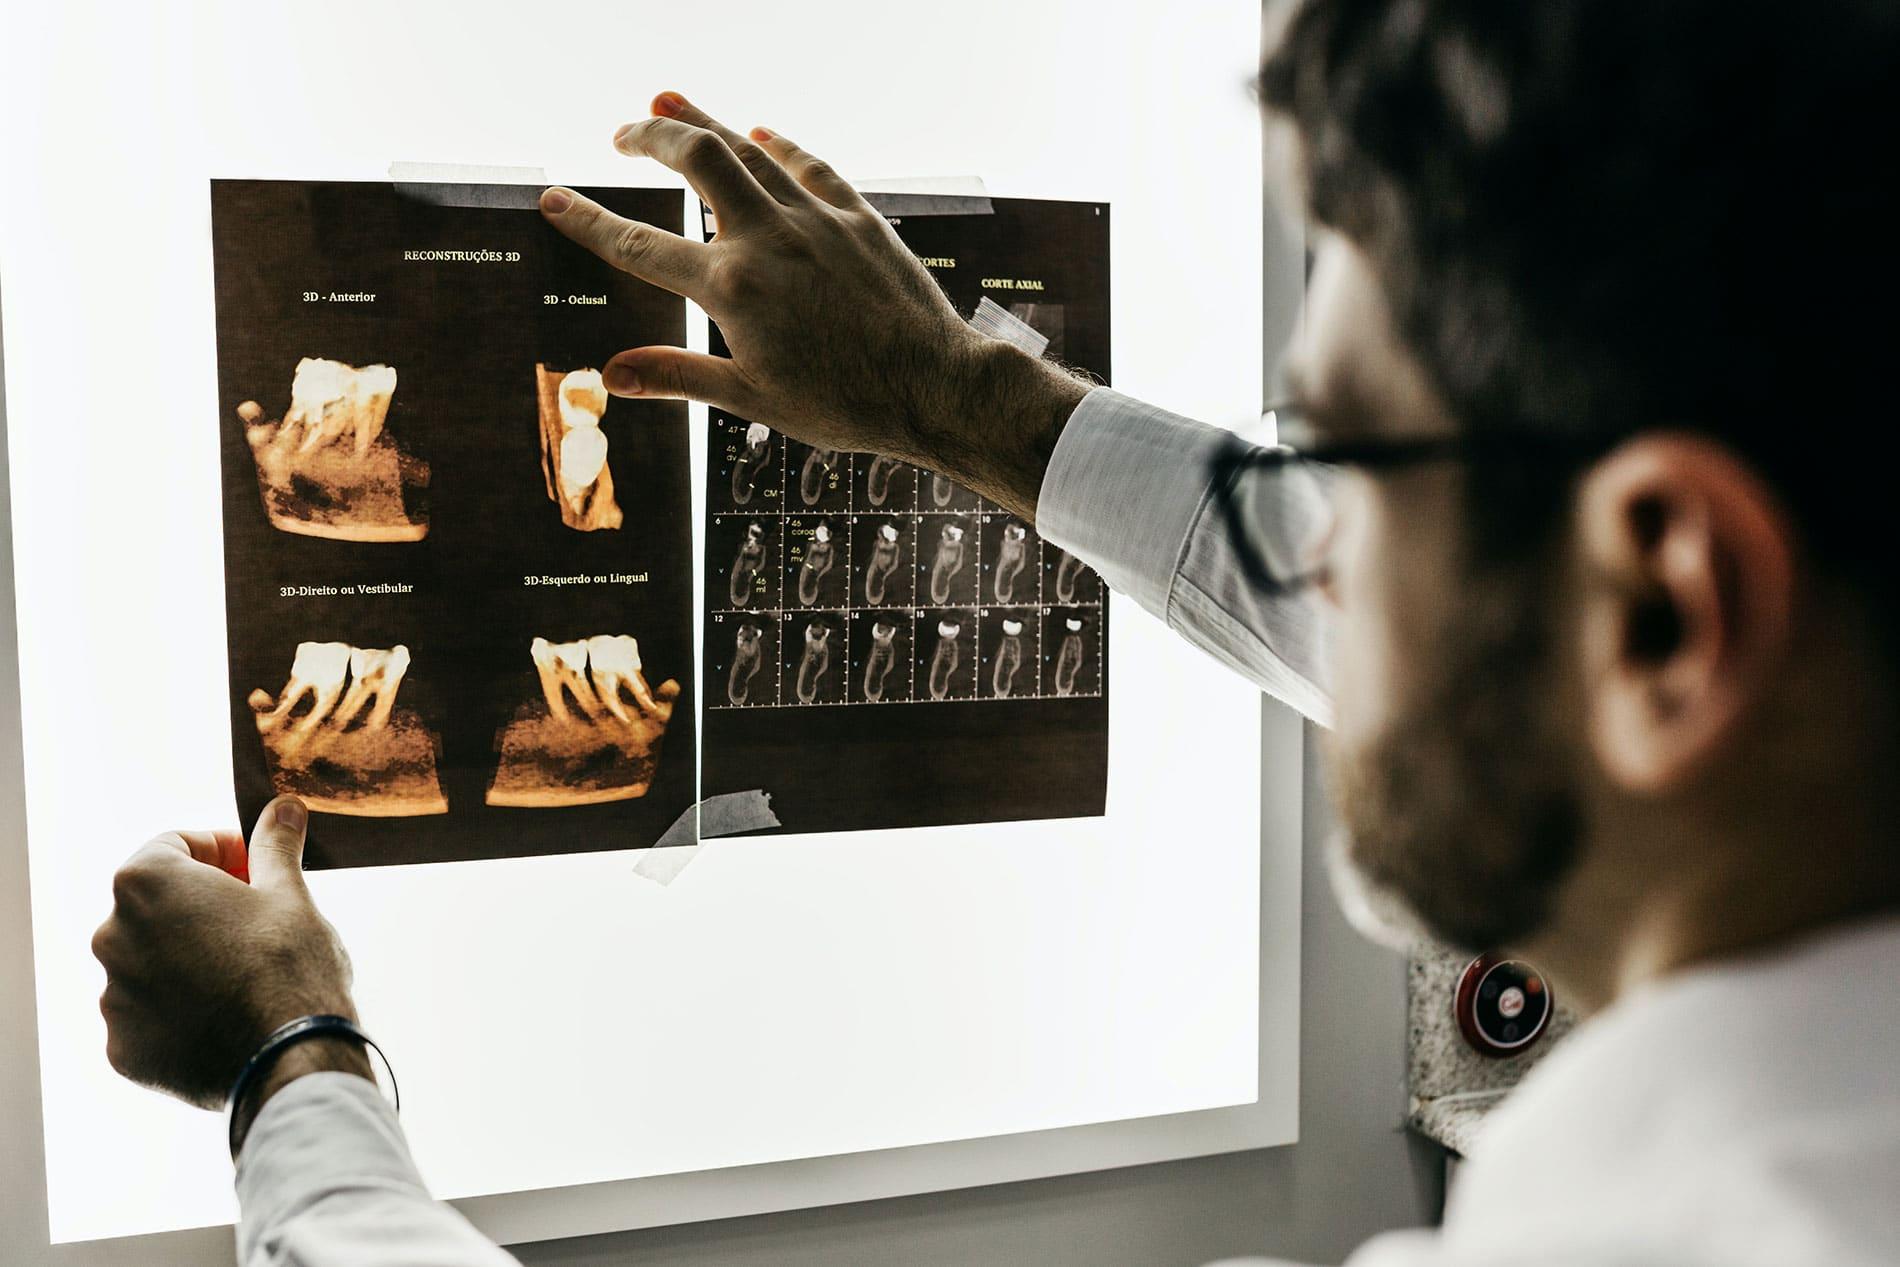 Dentist looking an xray of teeth